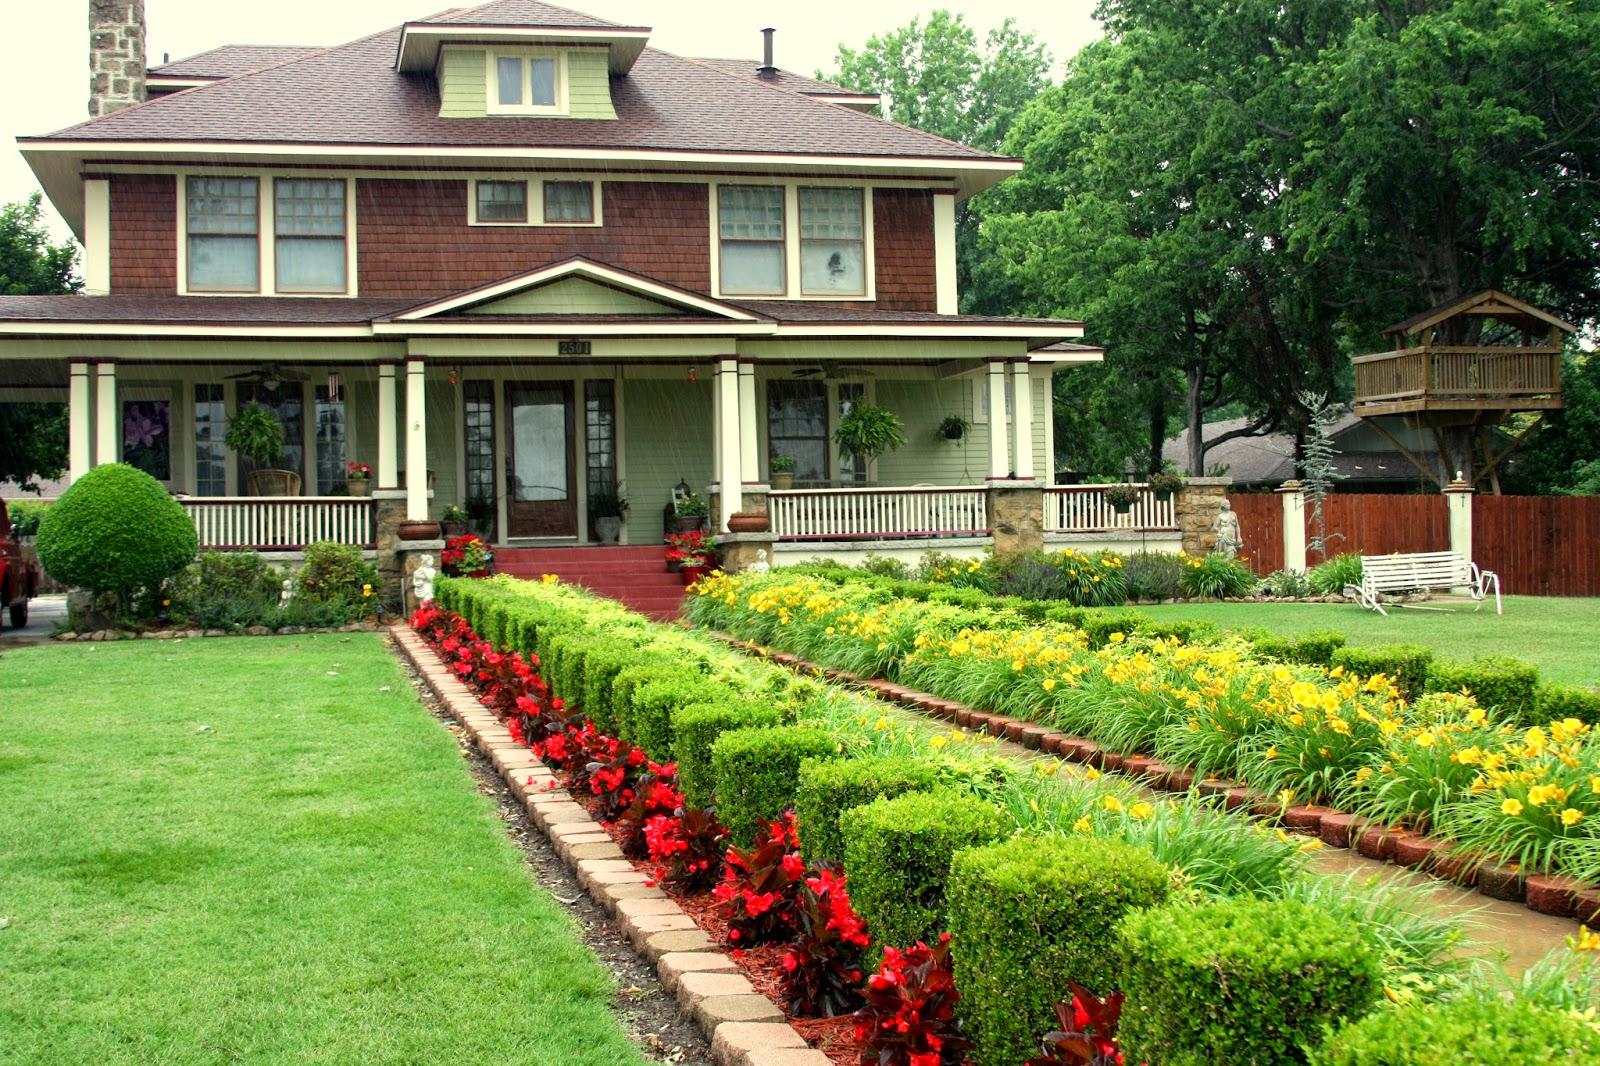 All The Dirt On Gardening Price Garden On Muskogee Garden Tour